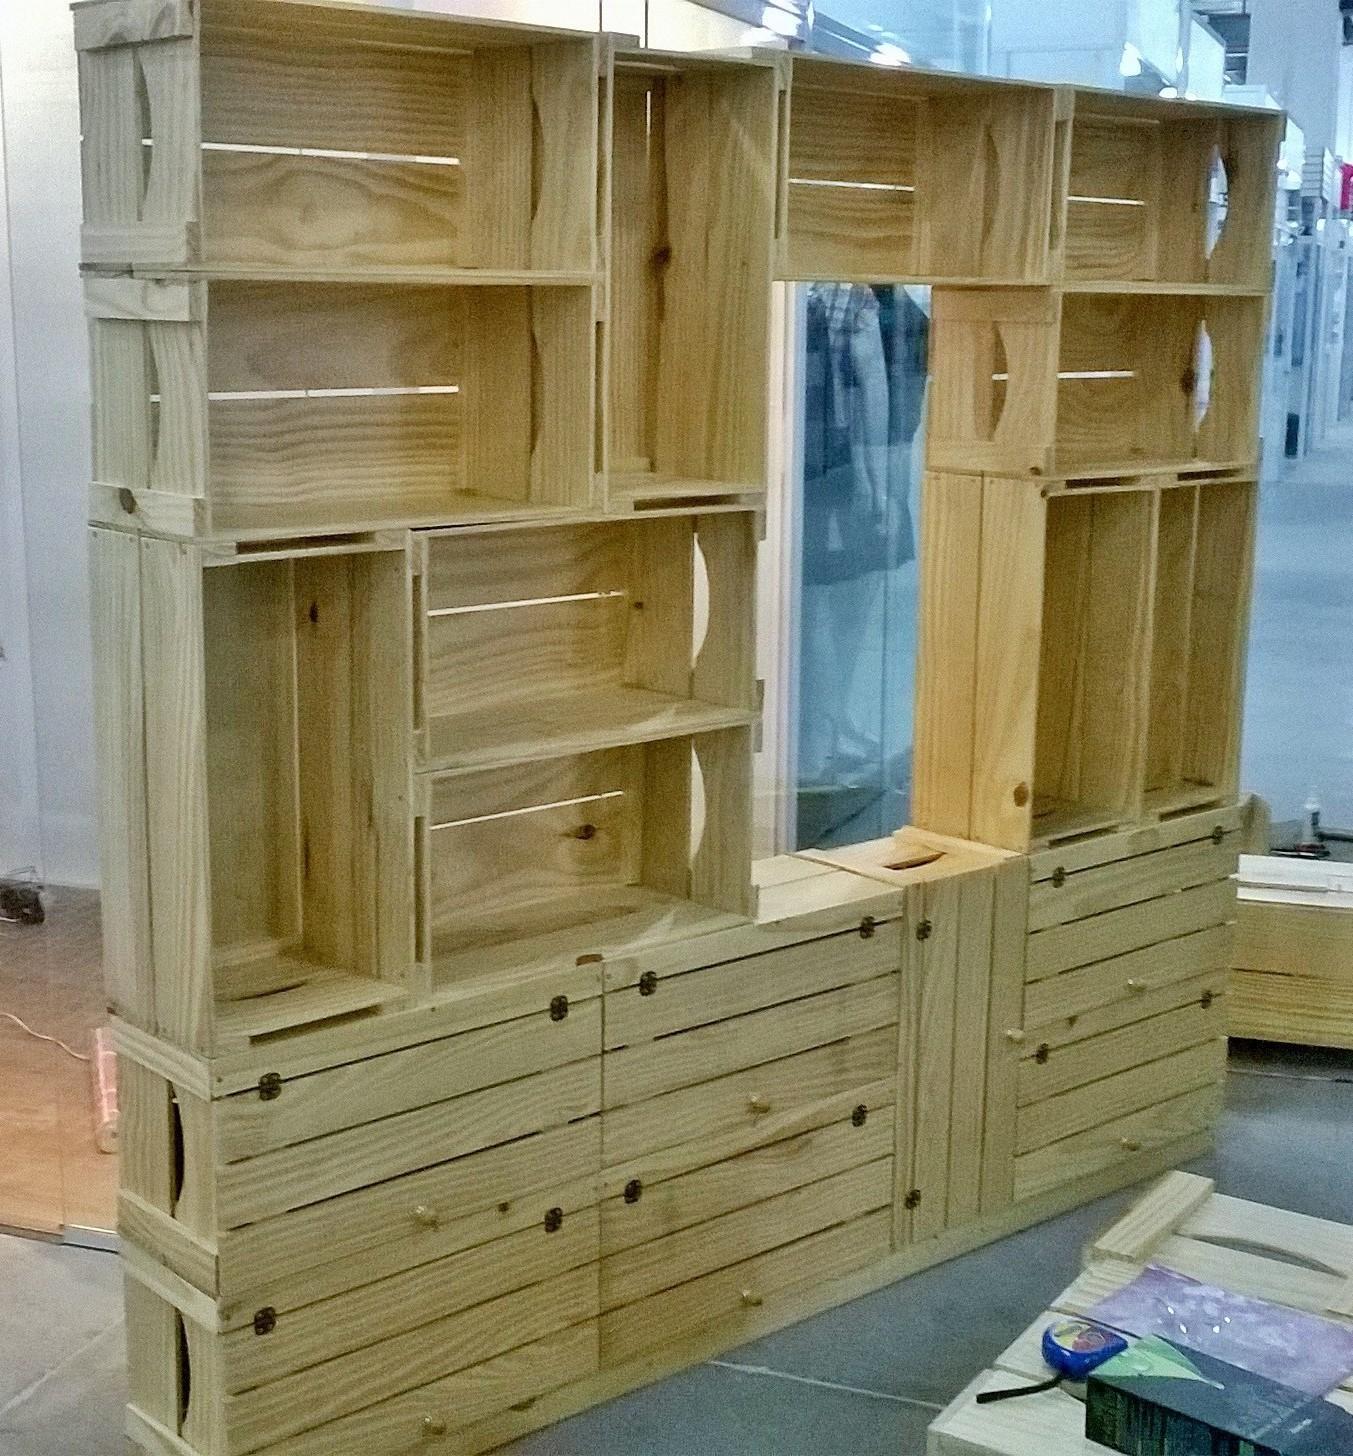 Armario Ikea Pax Blanco ~ Armario De Banheiro Feito Com Paletes Liusn com ~ Obtenha uma imagem de idéias interessantes